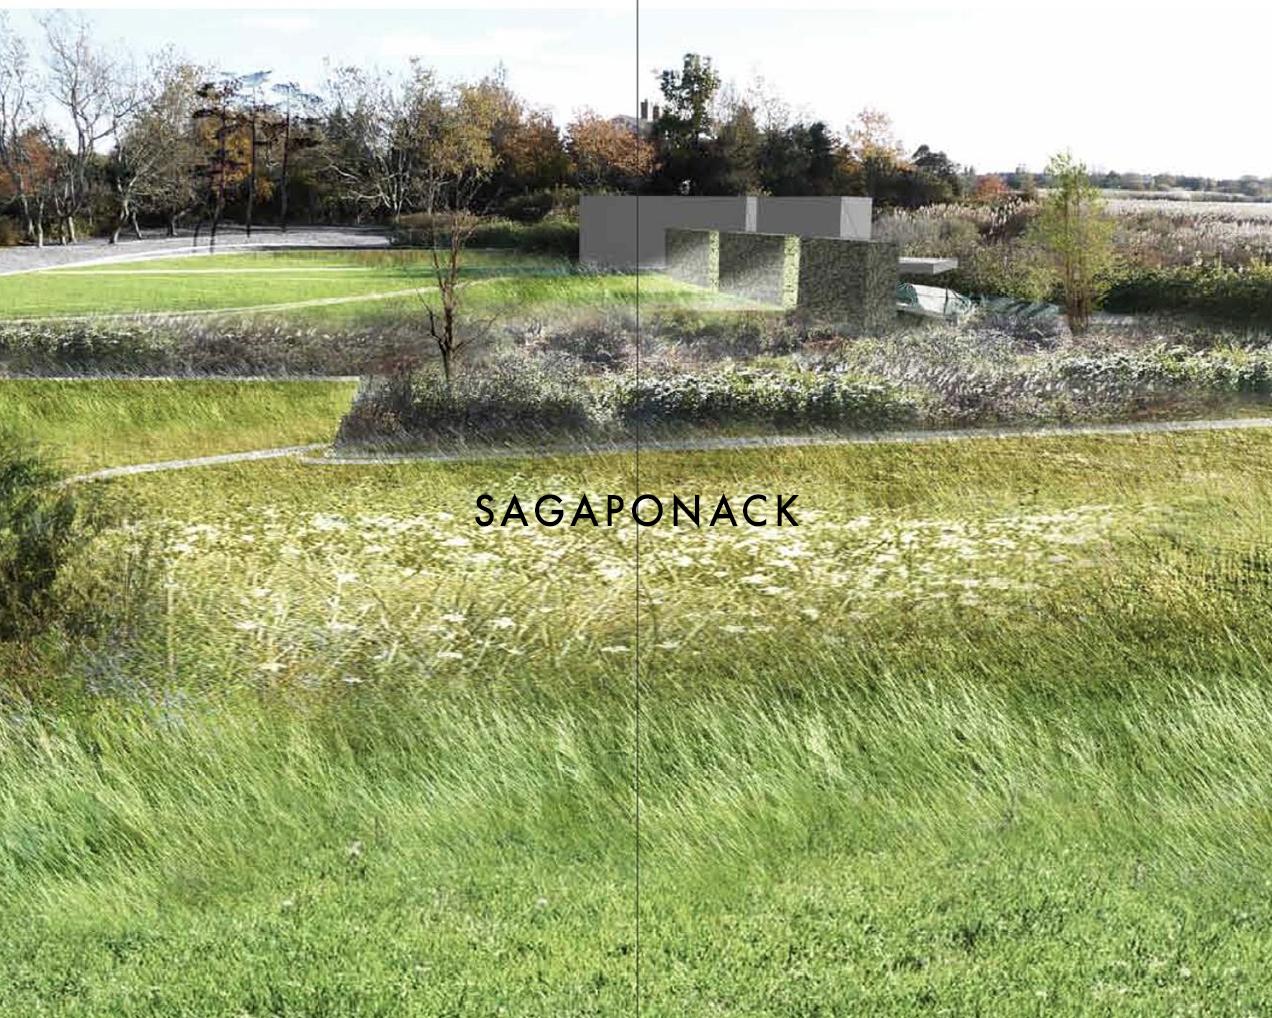 Sagaponack TITLE.jpg